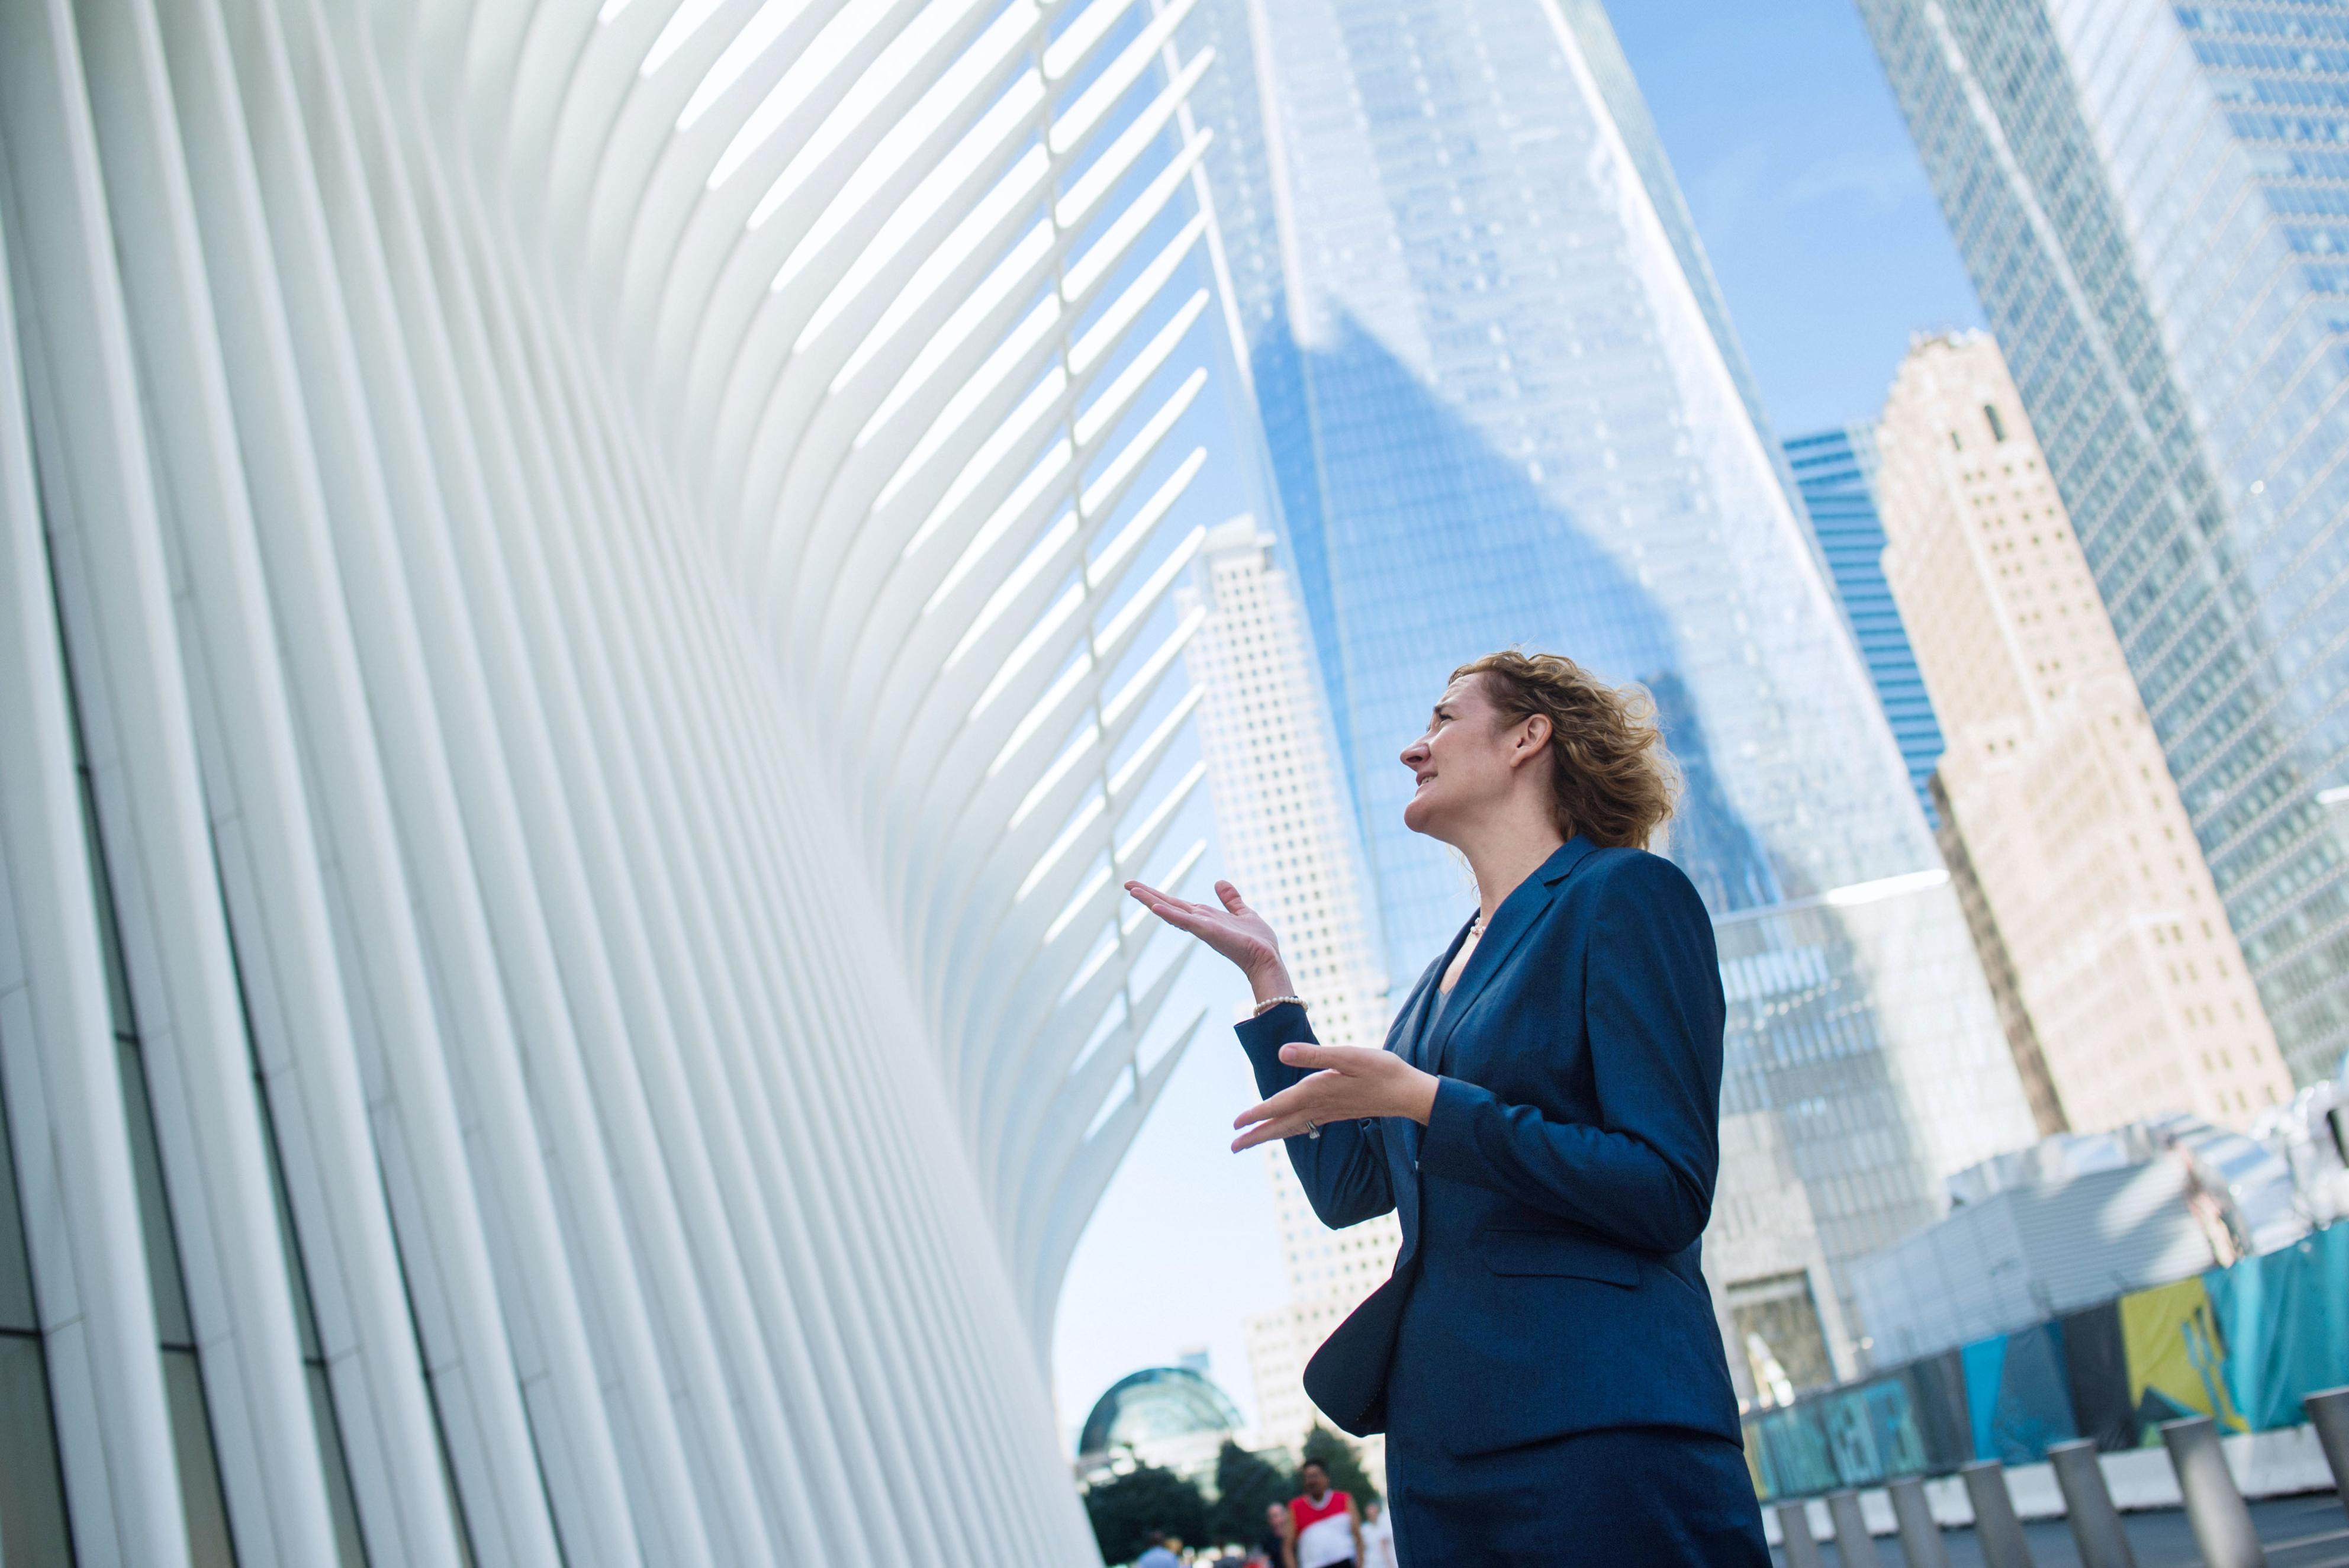 世界貿易センタービル跡地近くにできた交通ハブ「オキュラス」の前で晴れやかな表情を見せるテロ遺族のキャサリン・リチャードソン。悲しみをくぐり抜け、今ある人生を生きている=米ニューヨーク(撮影・ライアン・クリストファー・ジョーンズ、共同)